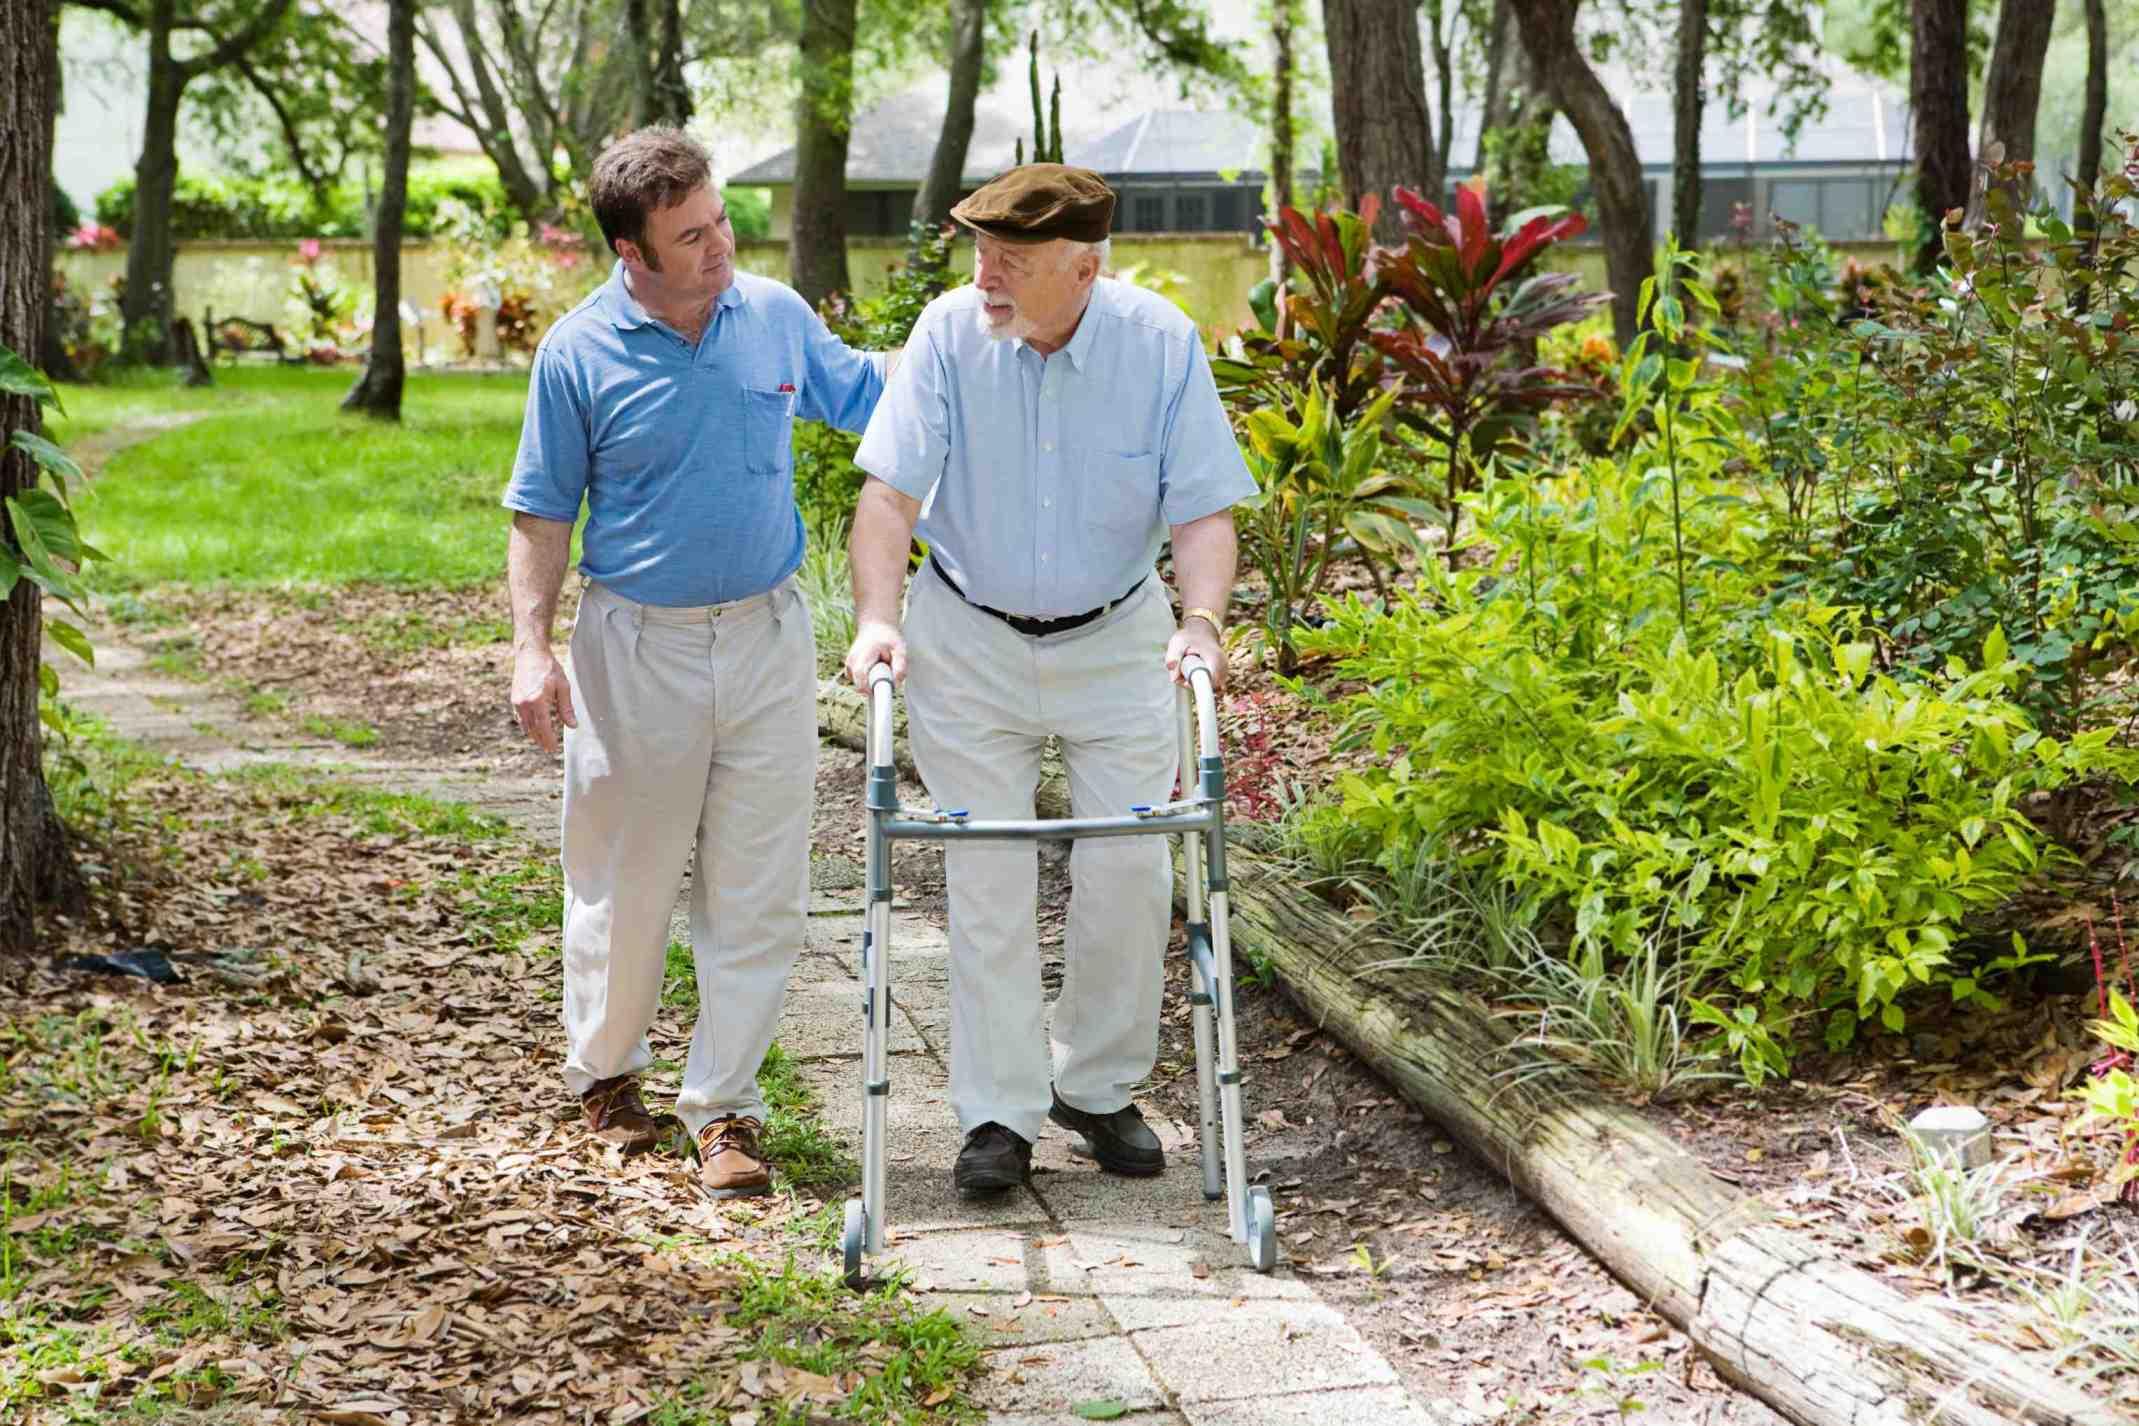 Two men taking a stroll